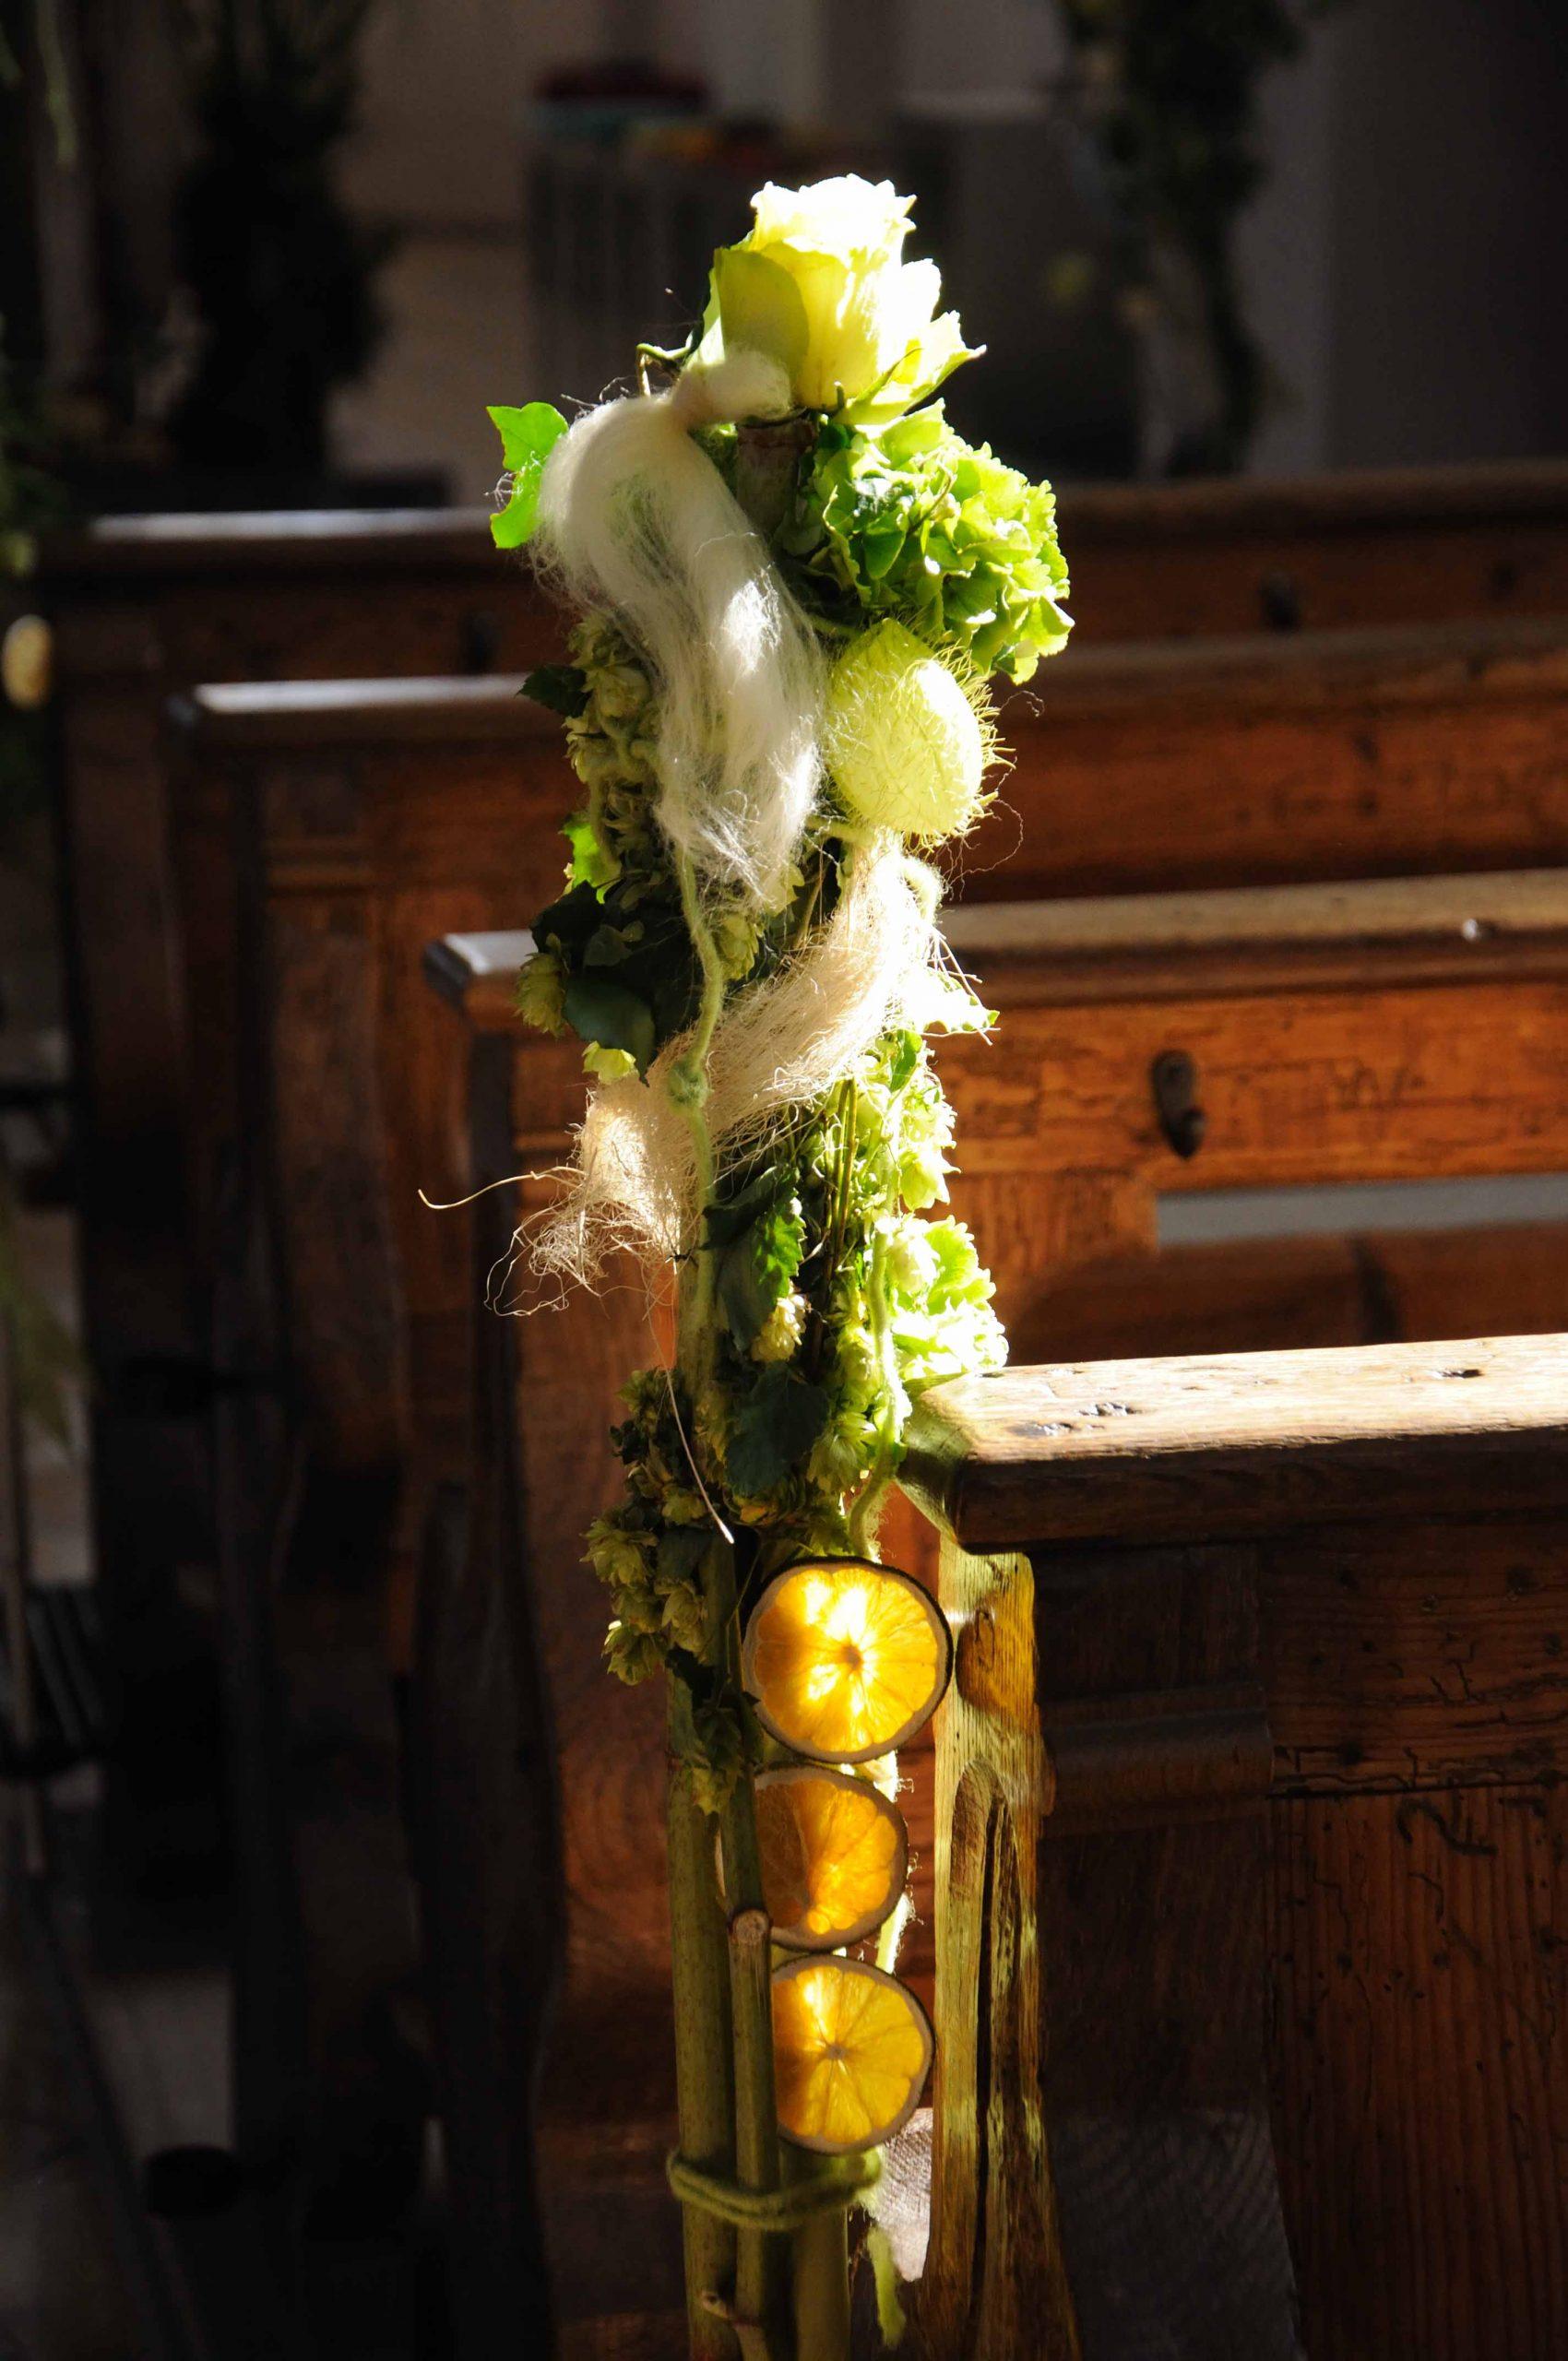 04 Kirchenschmuck in Weiß-Grün